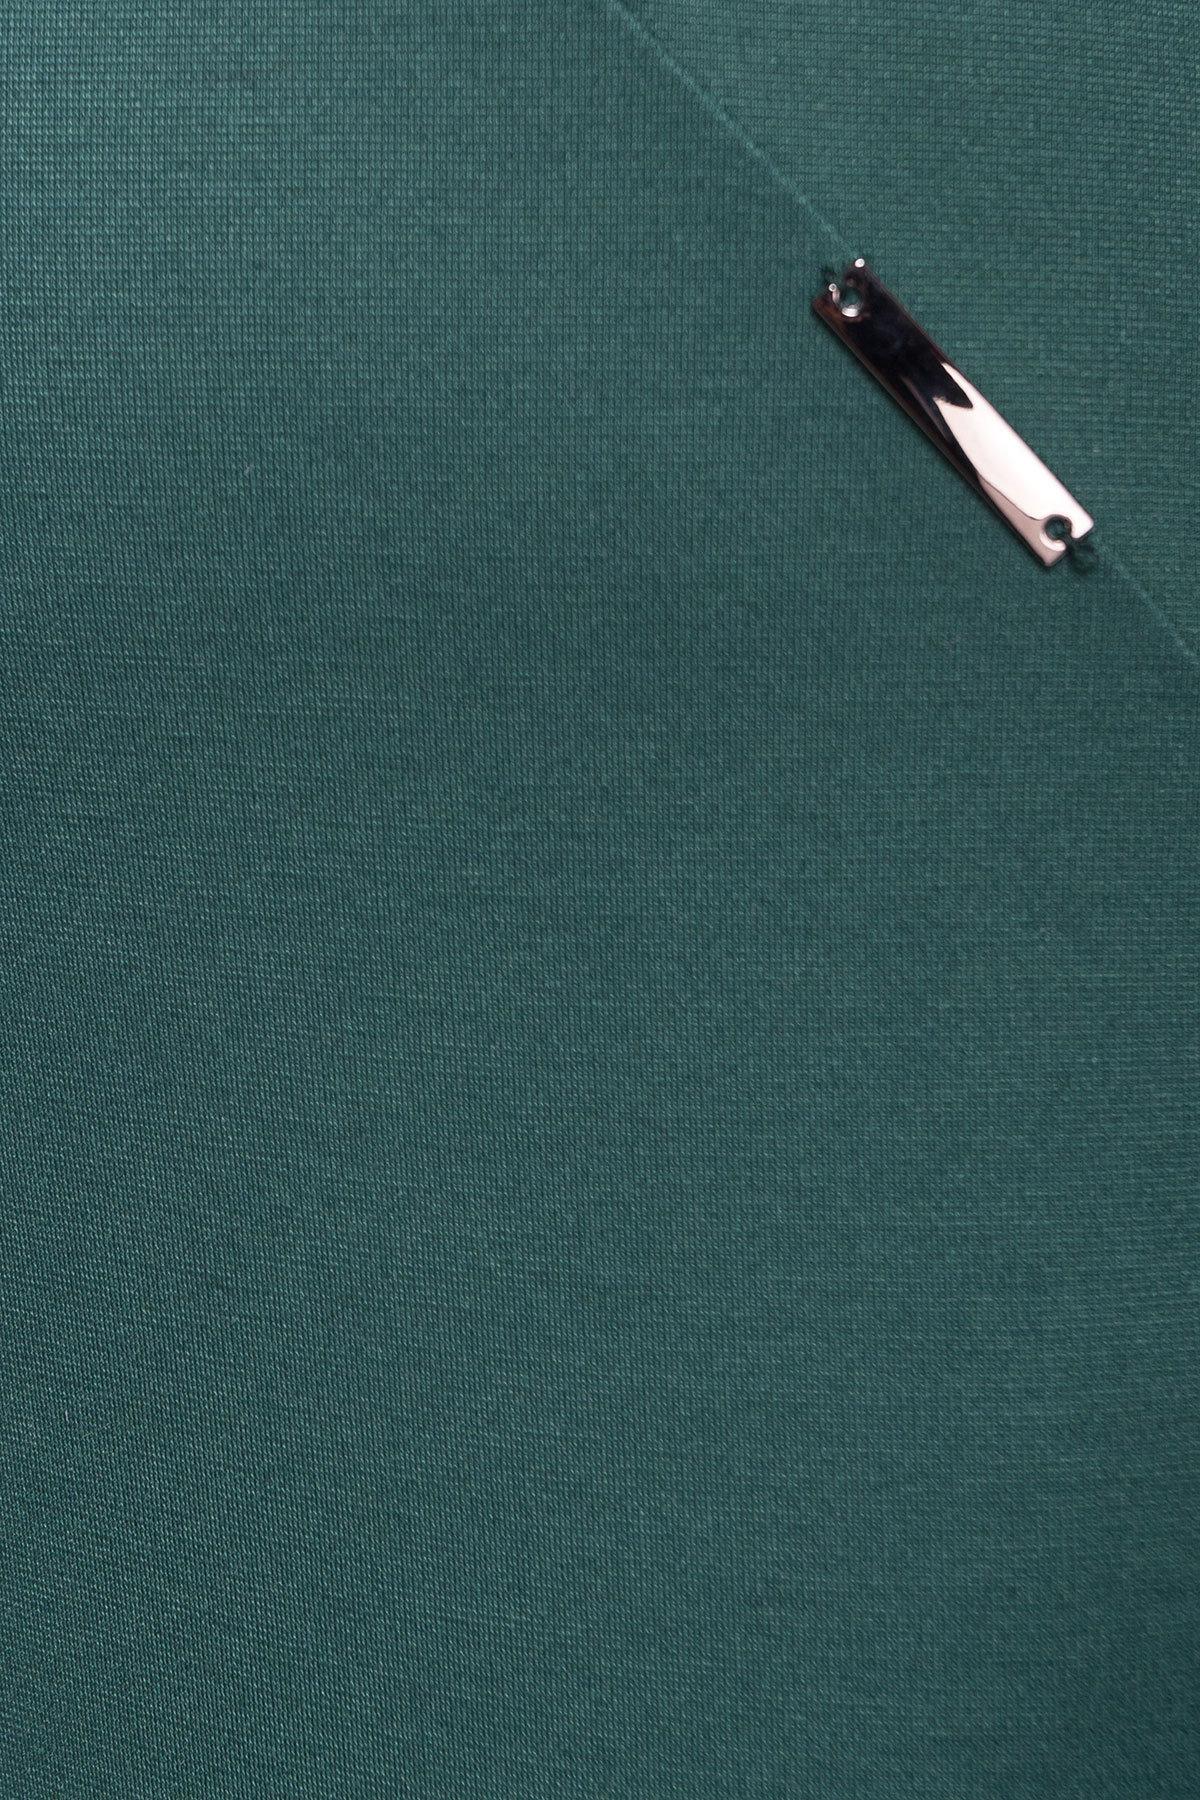 Платье Уна 503 Цвет: Зеленый